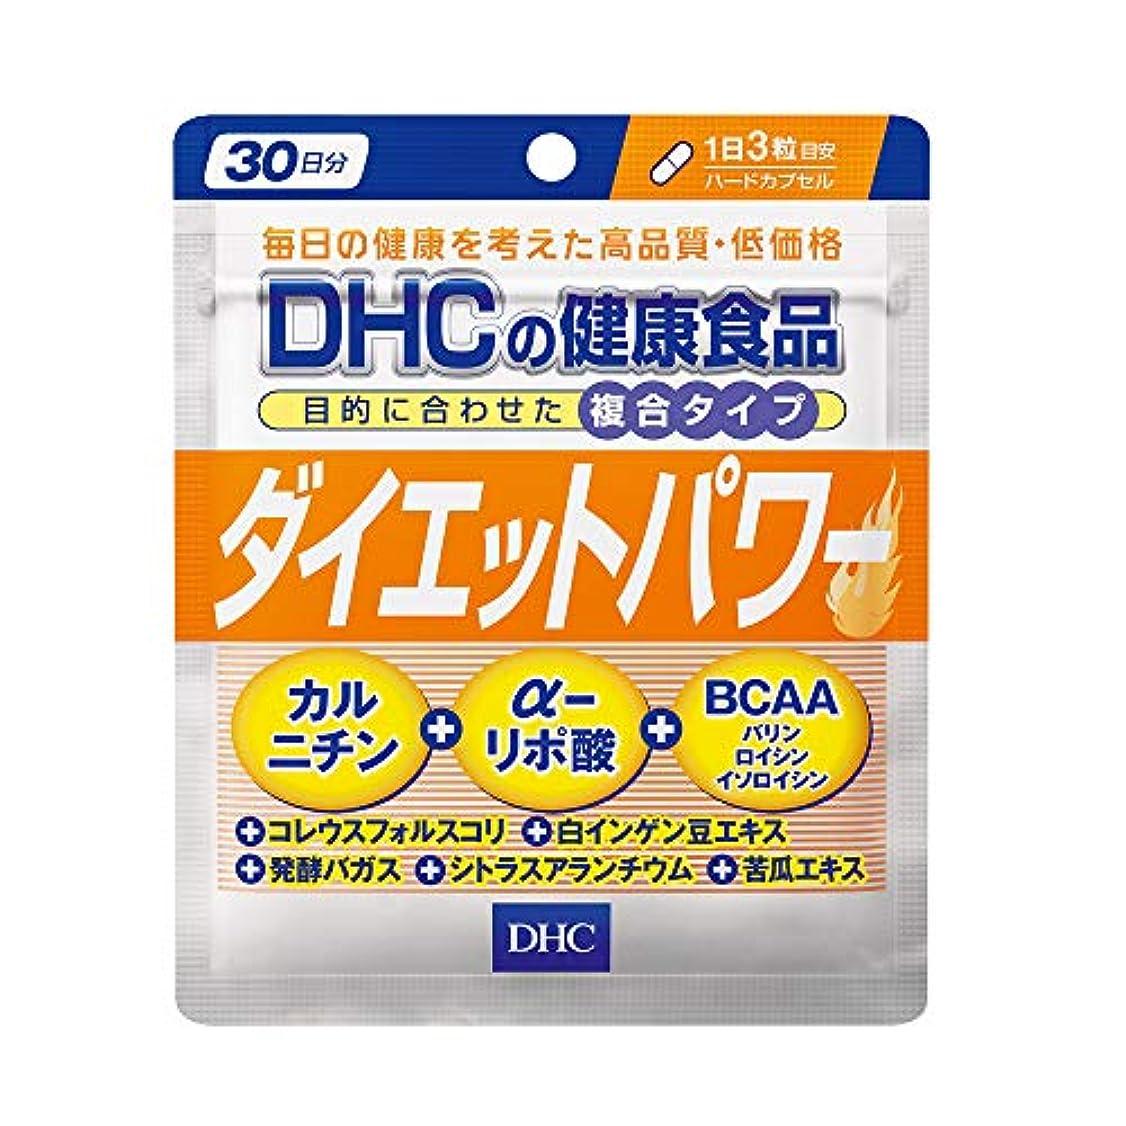 魂日常的に有名なDHC ダイエットパワー 30日分